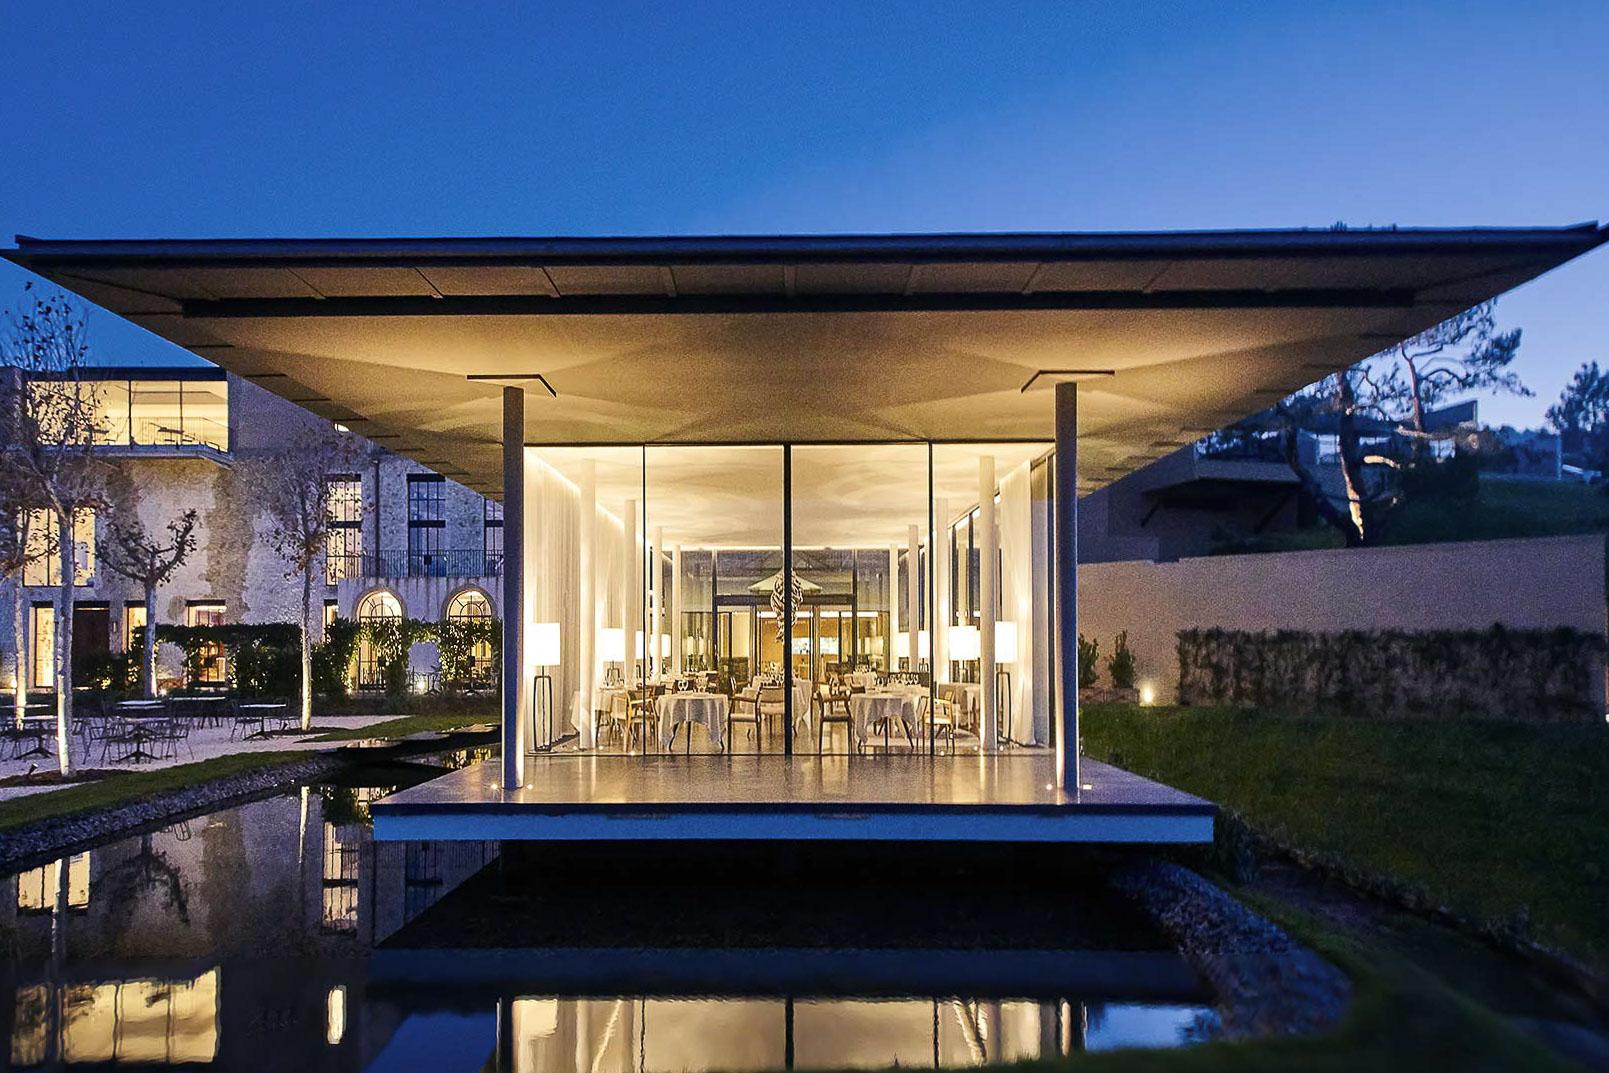 28 villas décorées sobrement et largement ouvertes sur la nature environnante. © Château La Coste